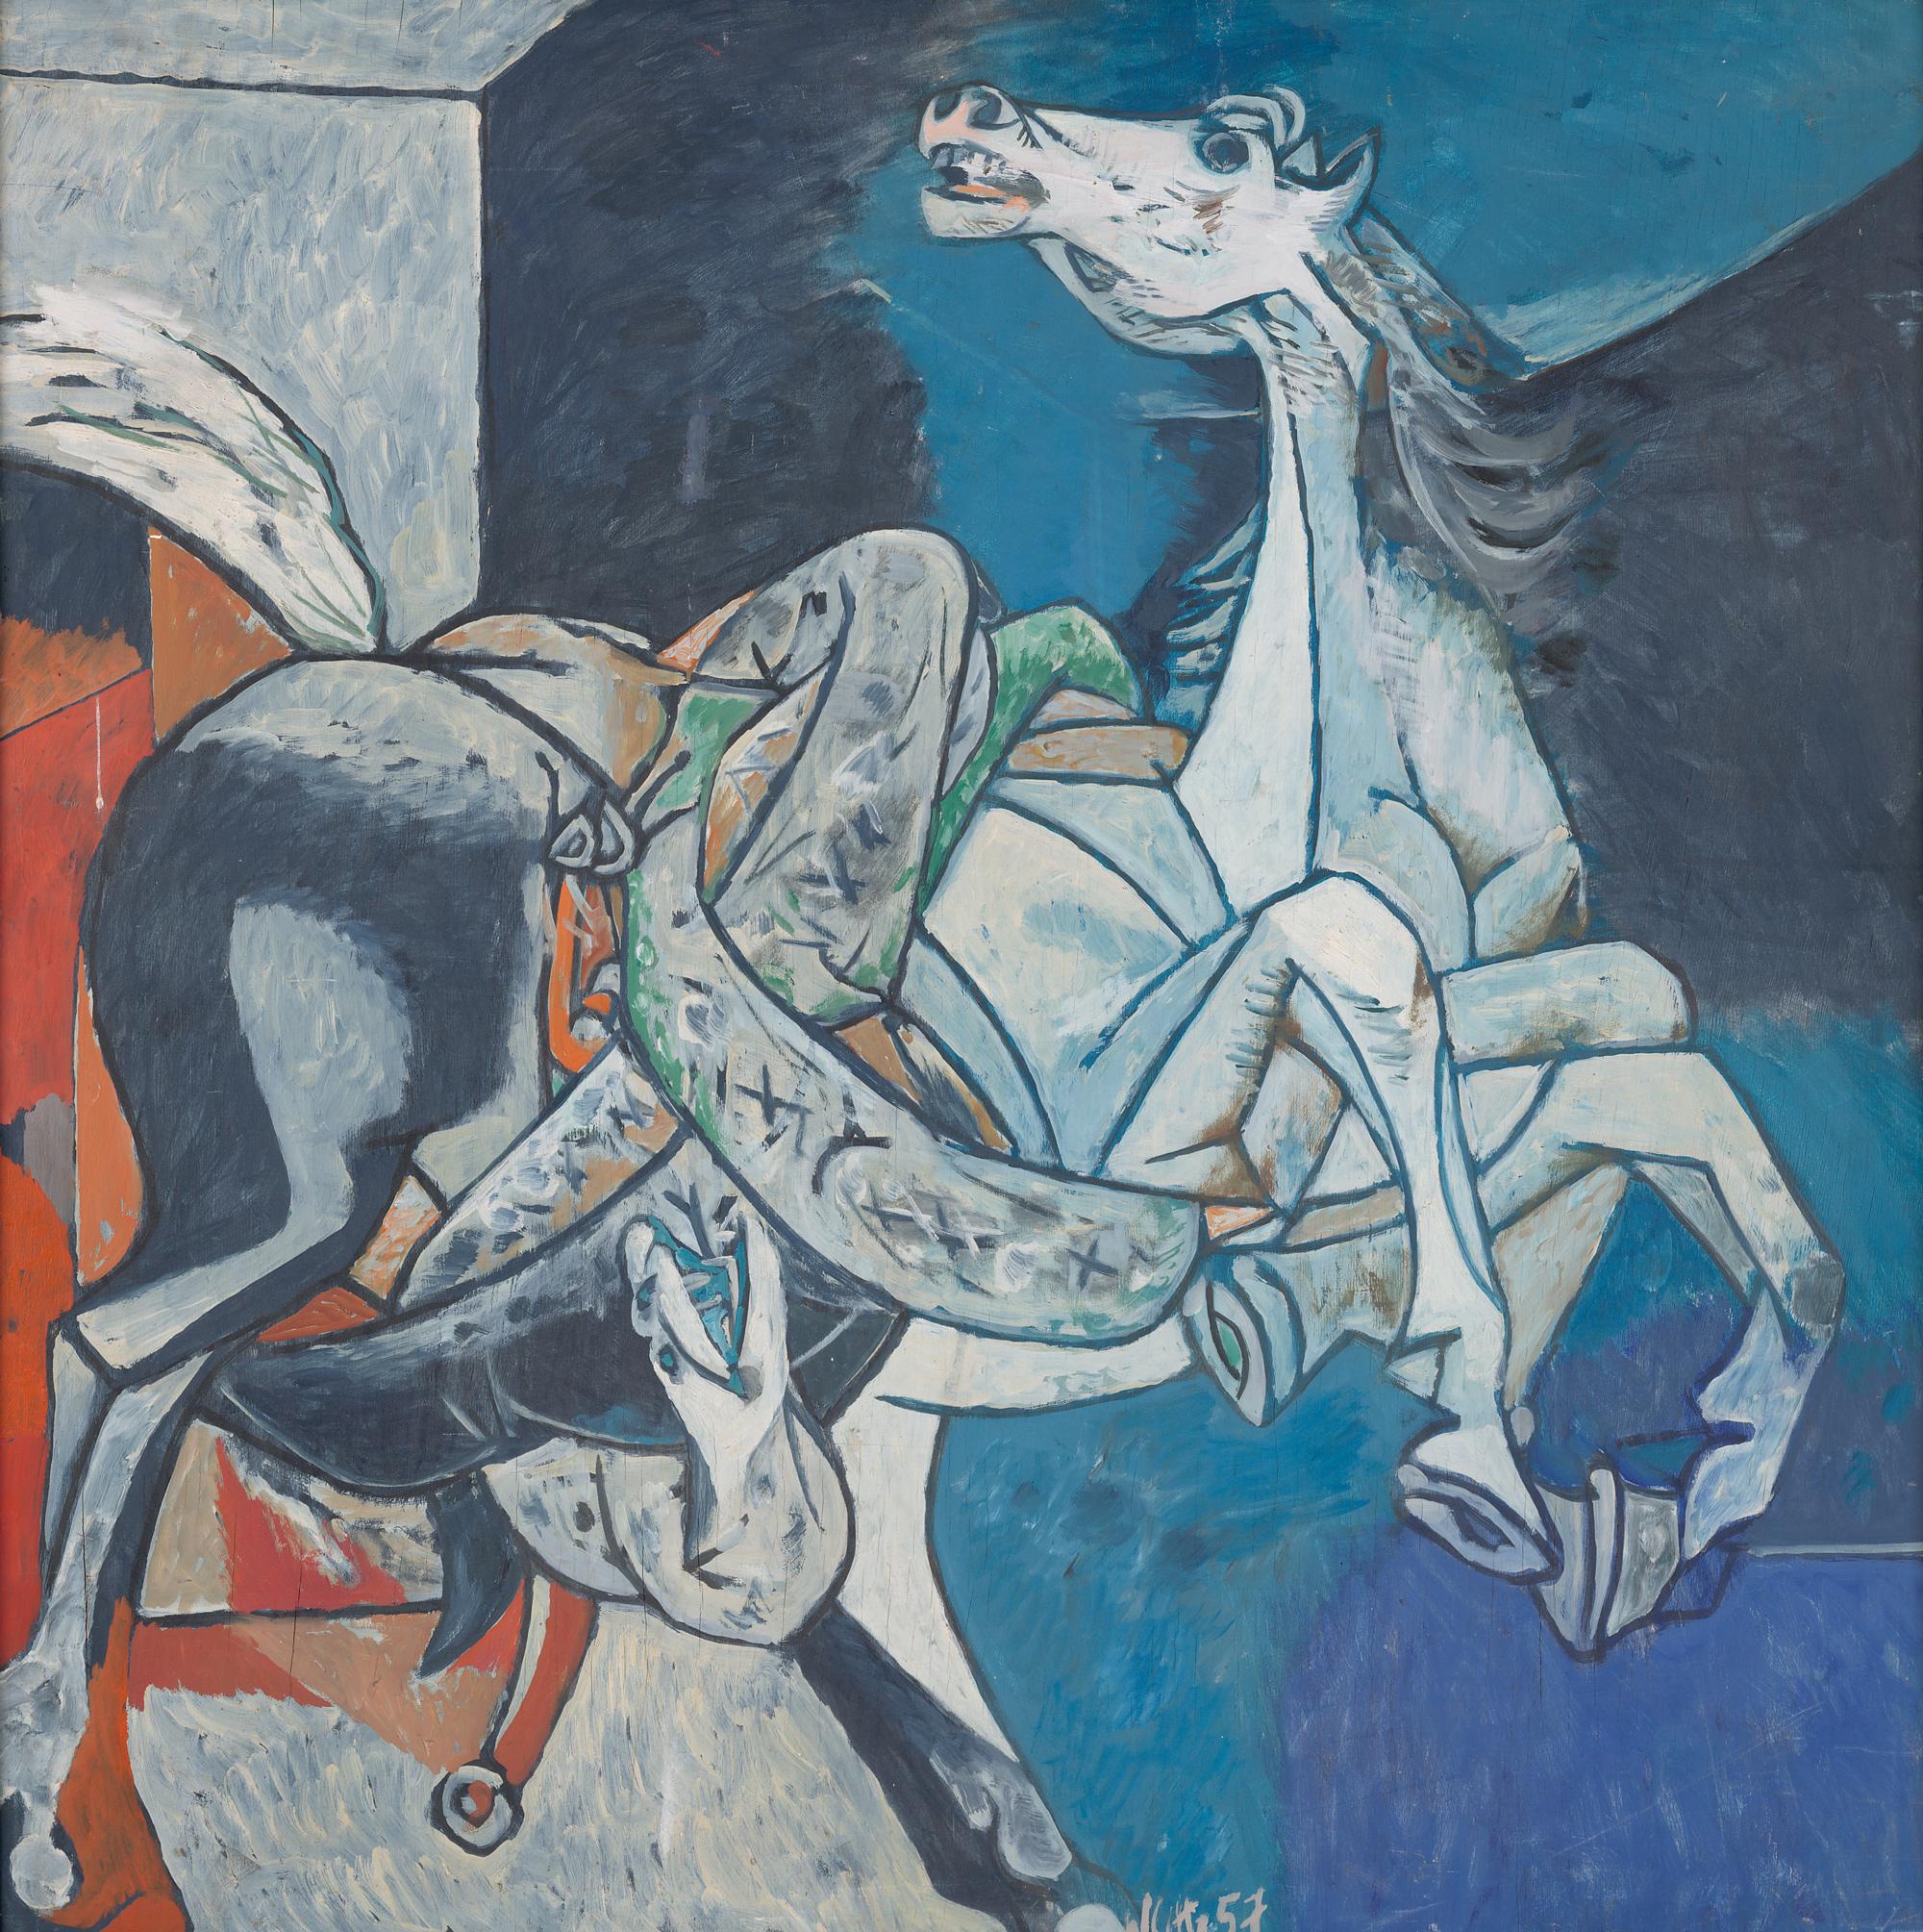 Willi Sitte Pferd mit Schlange 1957 Öl auf Sperrholz 105,5 x 105,5 cm Willi-Sitte-Stiftung © VG Bild-Kunst, Bonn 2018 Foto: Galerie Schwind Leipzig